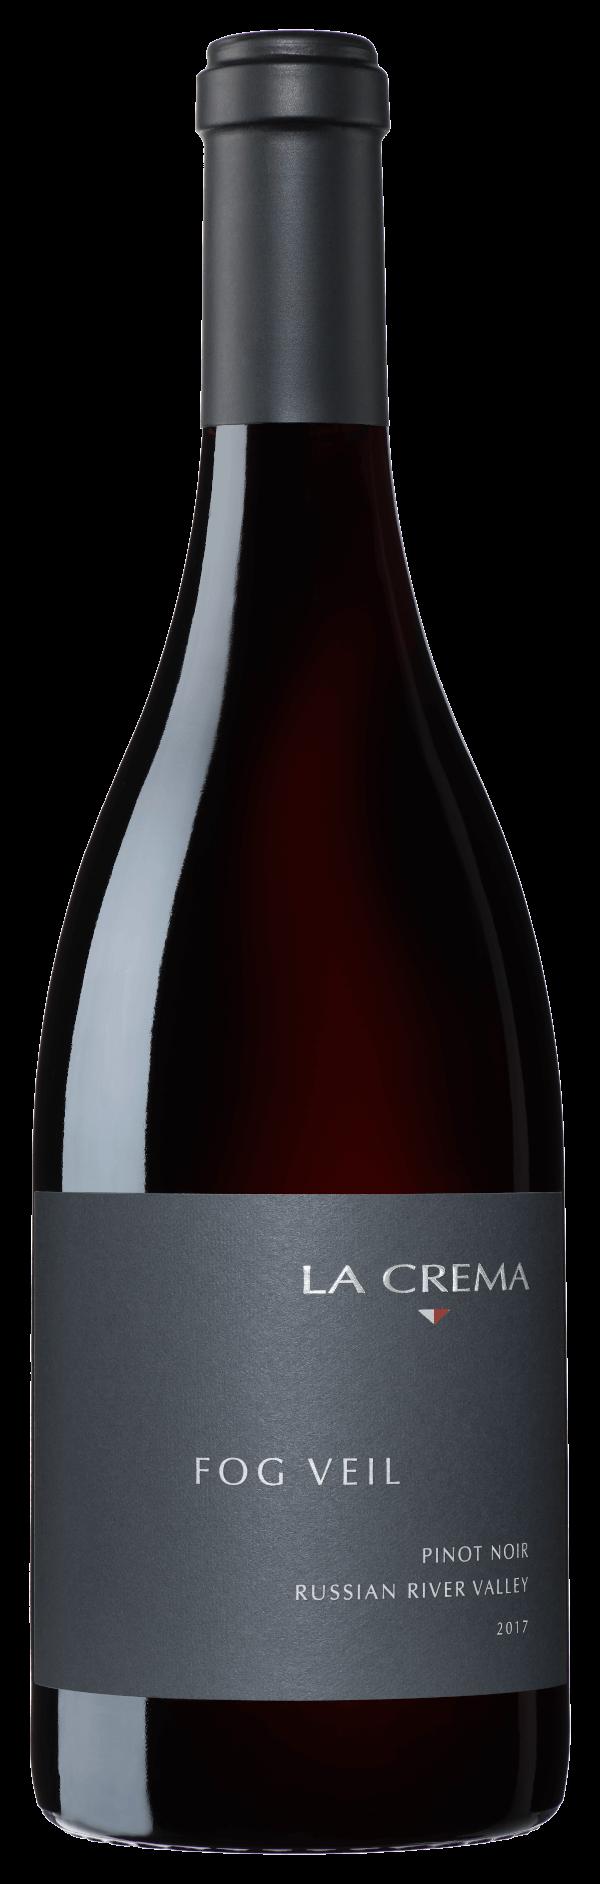 2017 Fog Veil Pinot Noir